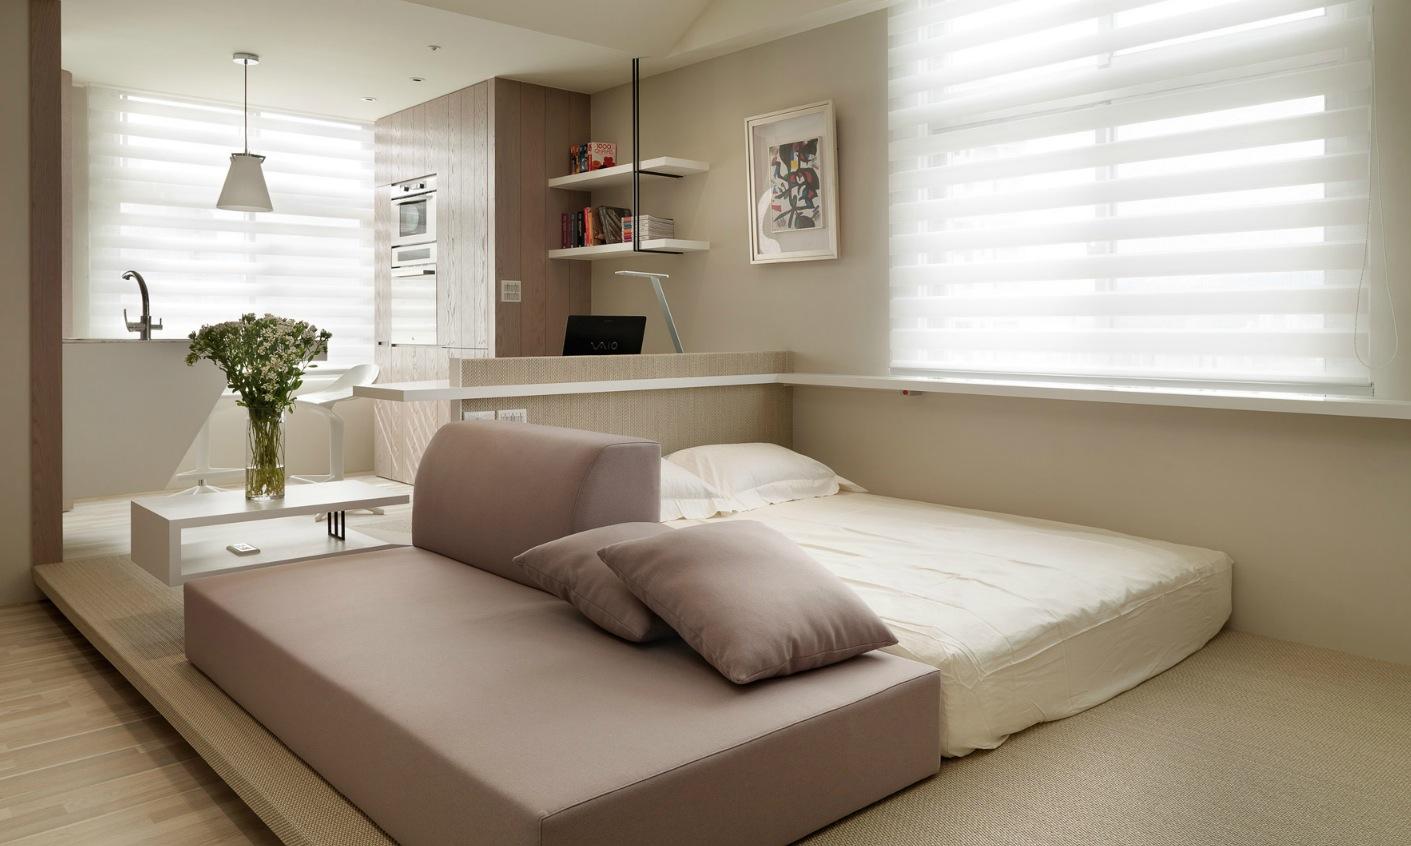 Спальная зона в маленькой однокомнатной квартире